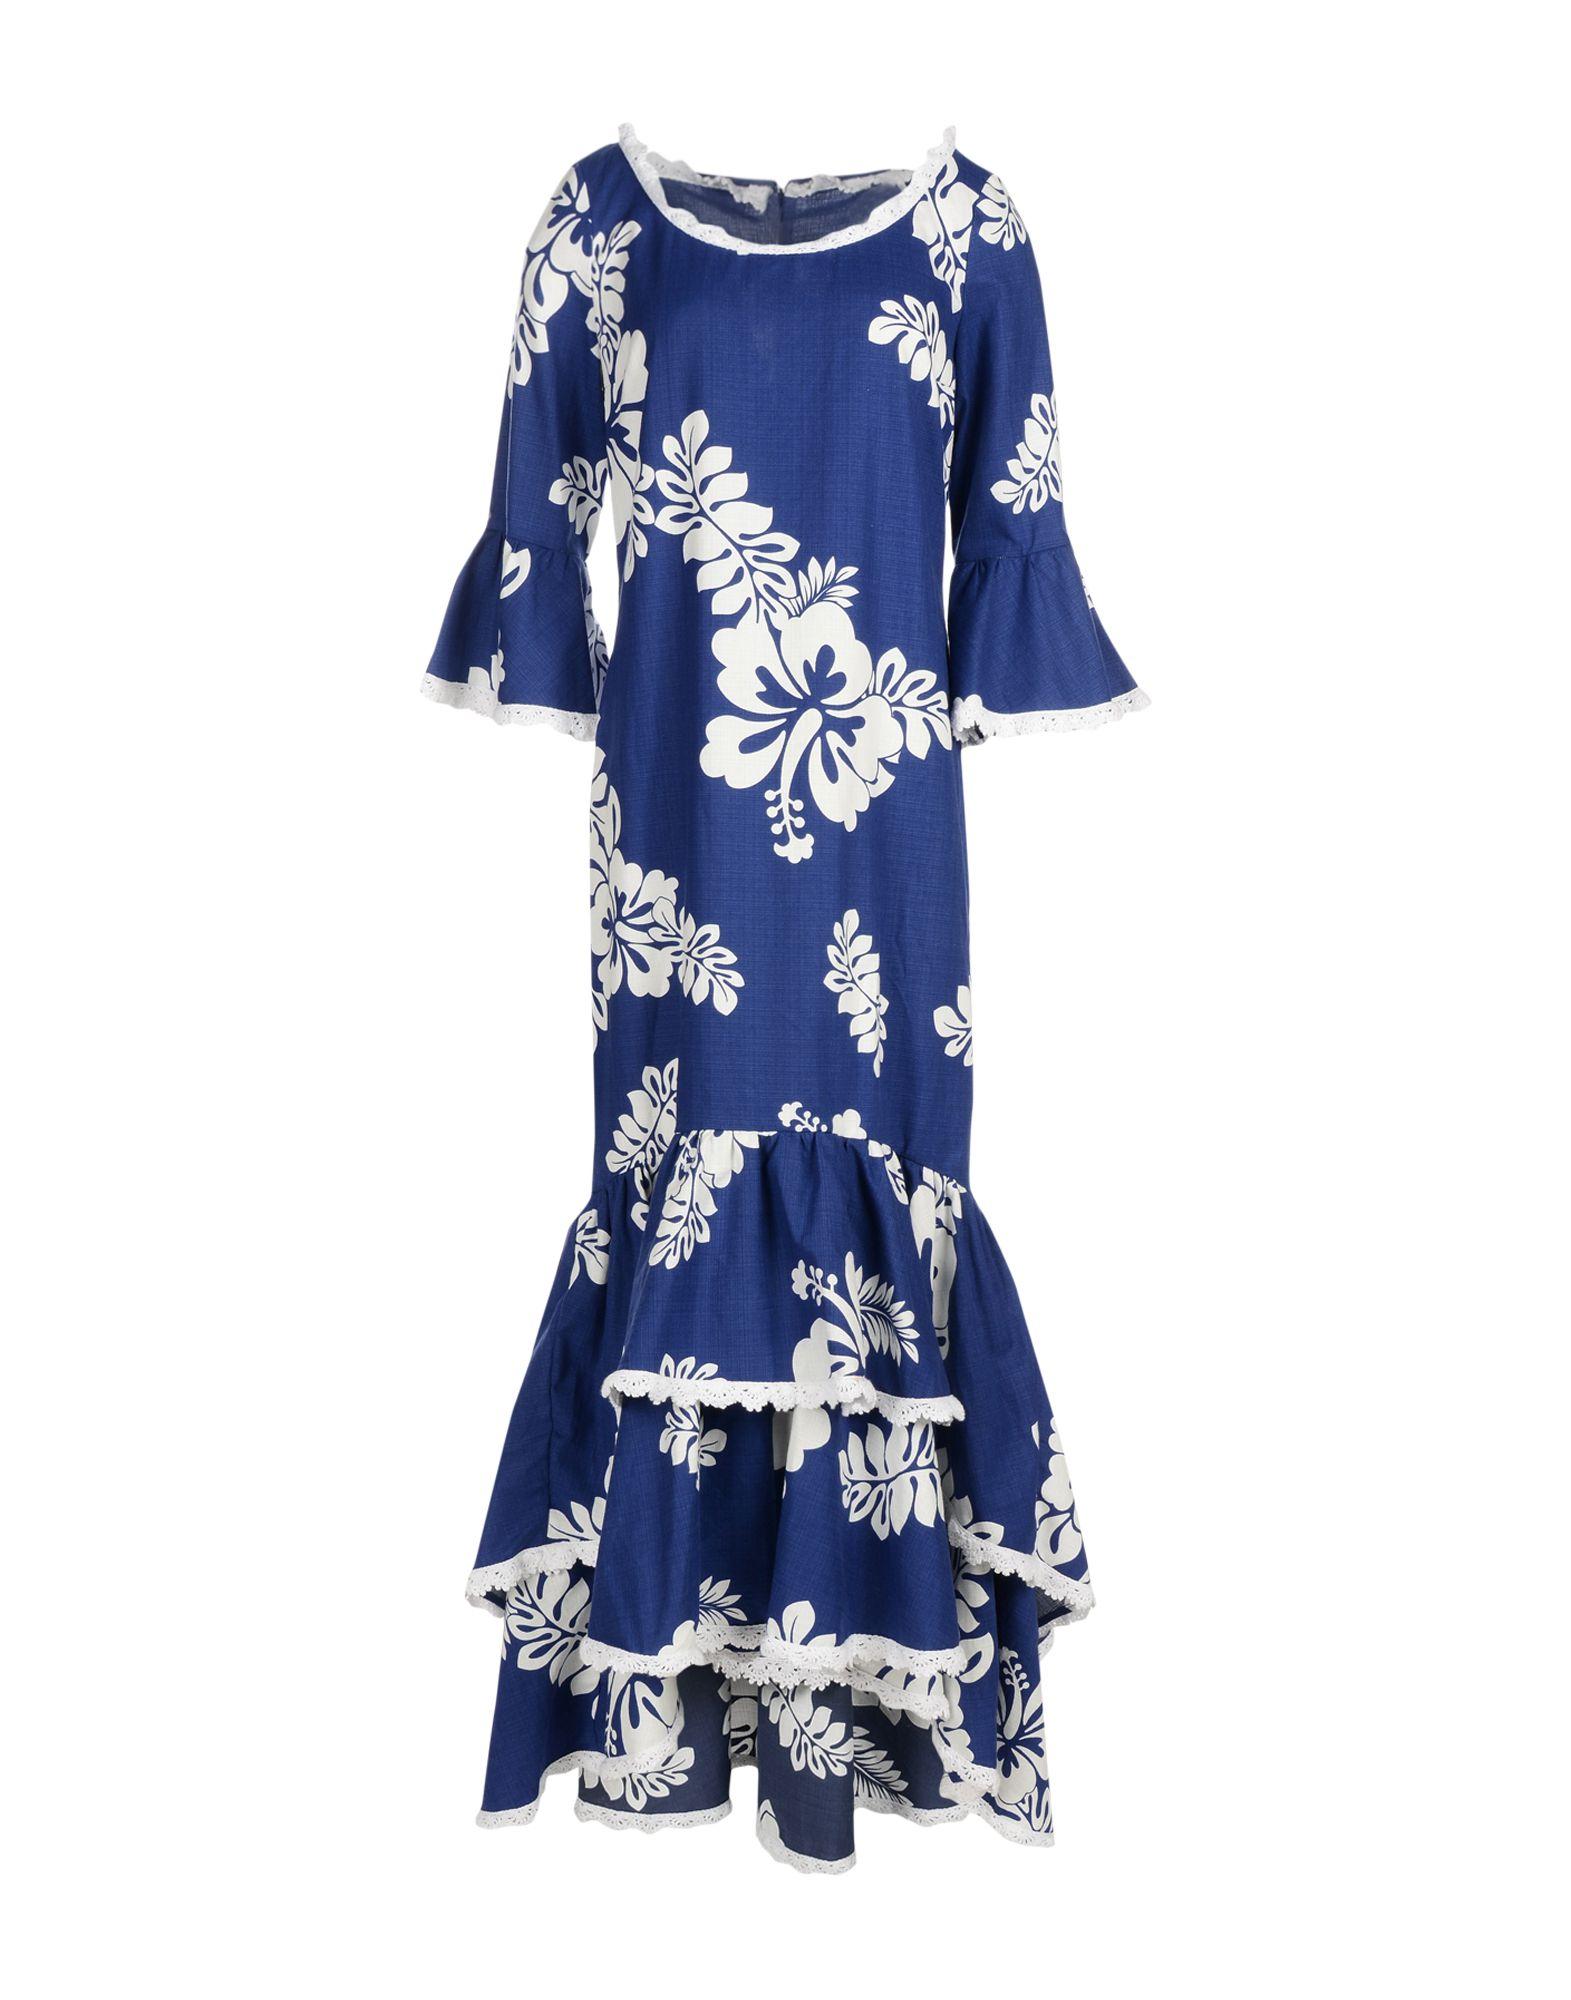 PINKO Платье длиной 3/4 neeru kumar платье длиной 3 4